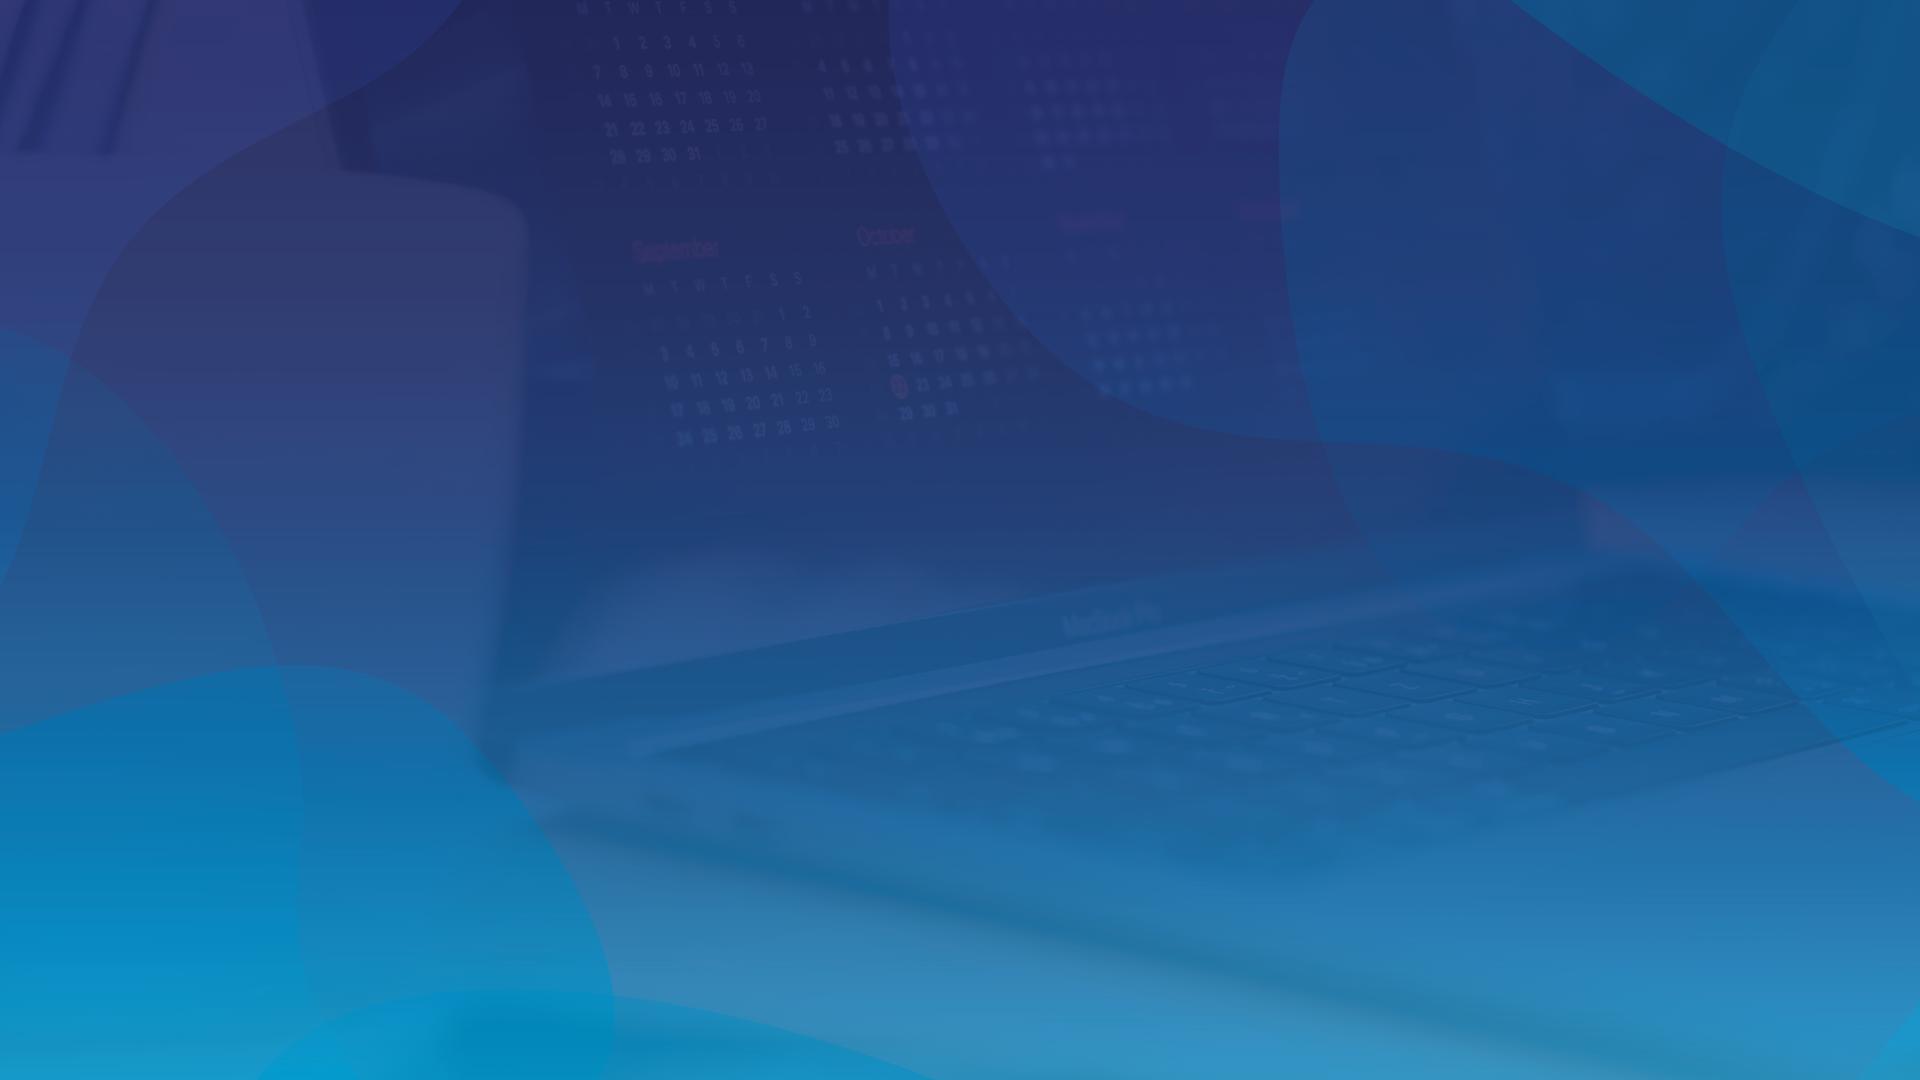 """Background del curso """"Herramientas tecnológicas  para transformar tu negocio"""" de la Academia de Negocios Bind"""